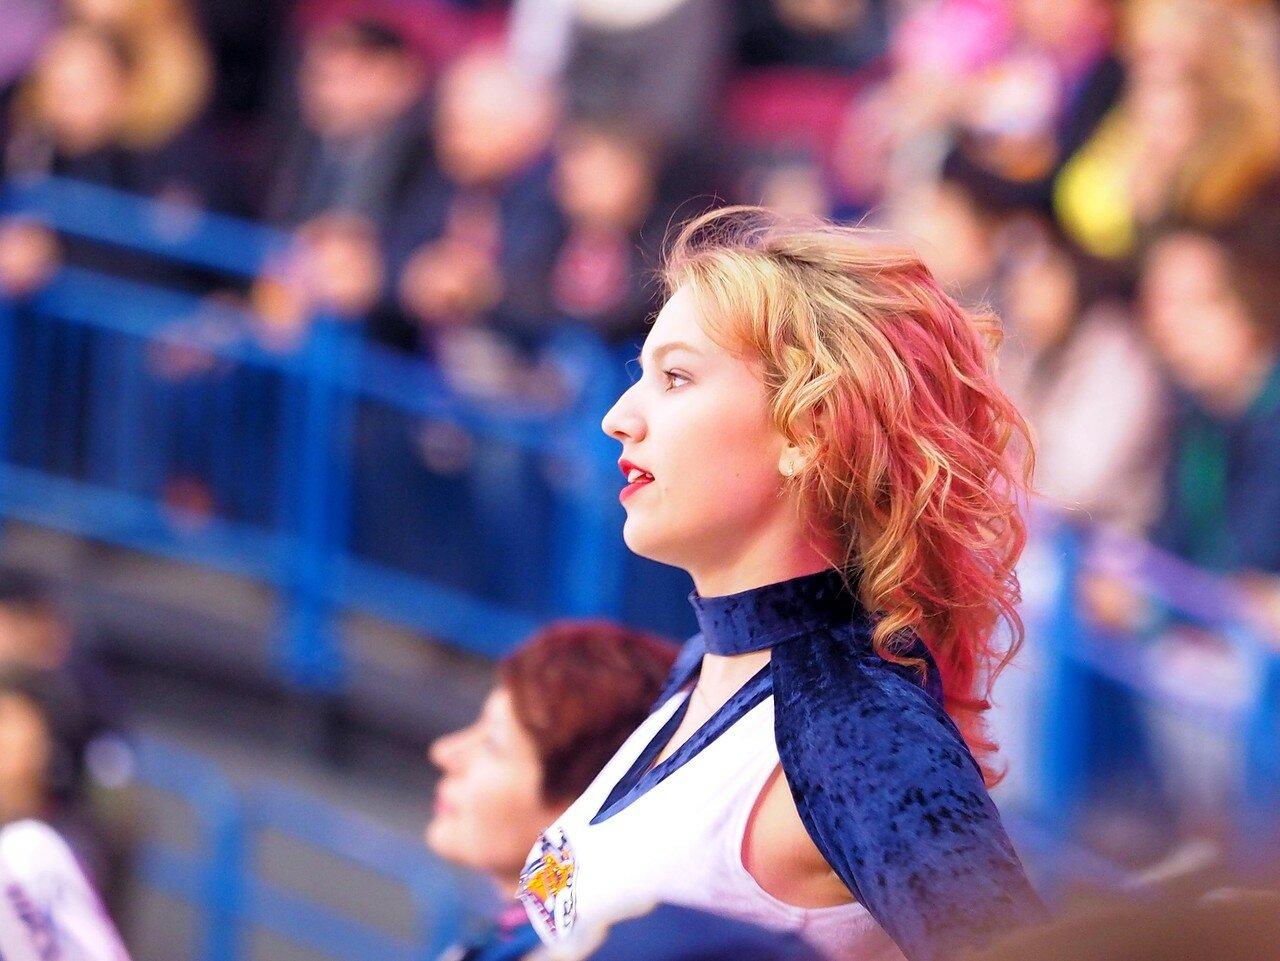 77 Первая игра финала плей-офф восточной конференции 2017 Металлург - АкБарс 24.03.2017